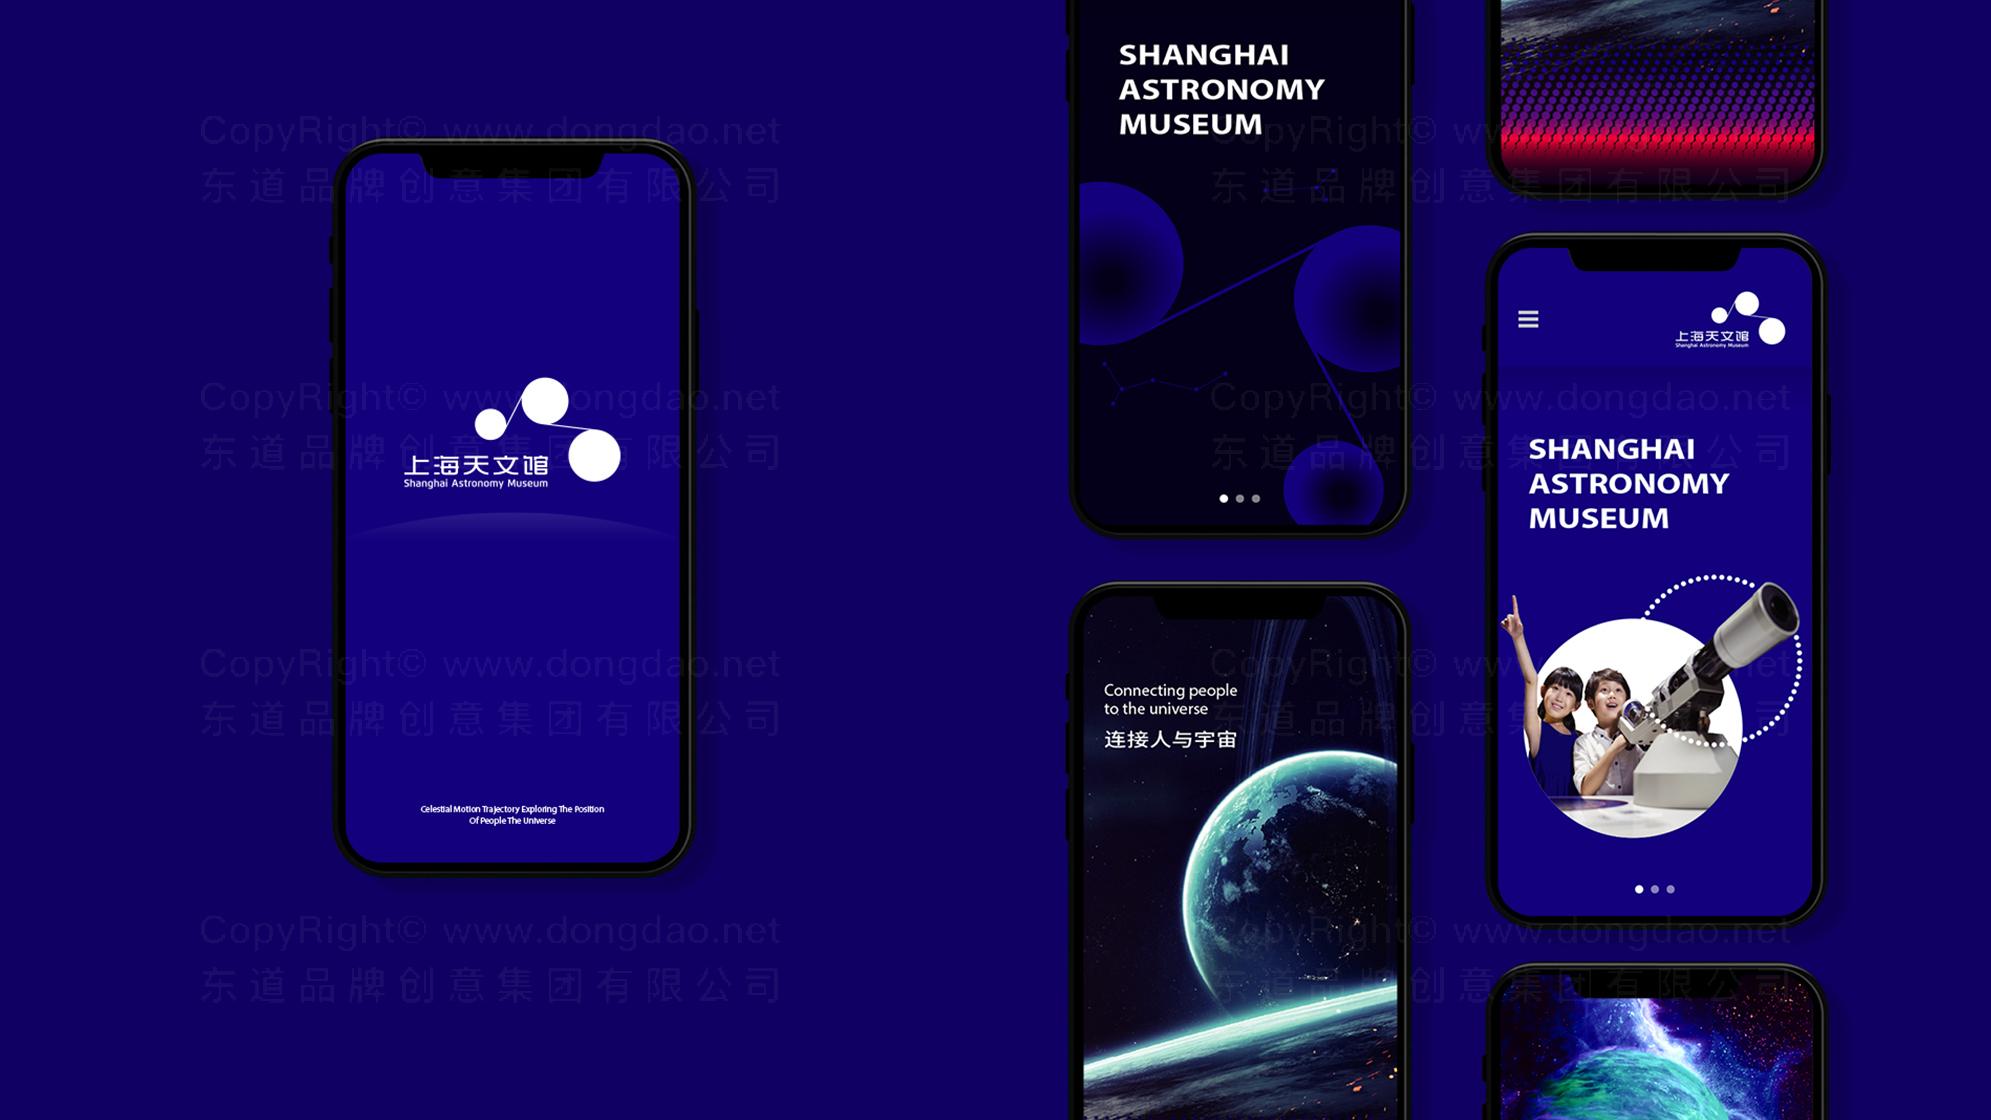 品牌设计上海天文馆LOGO&VI设计应用场景_1